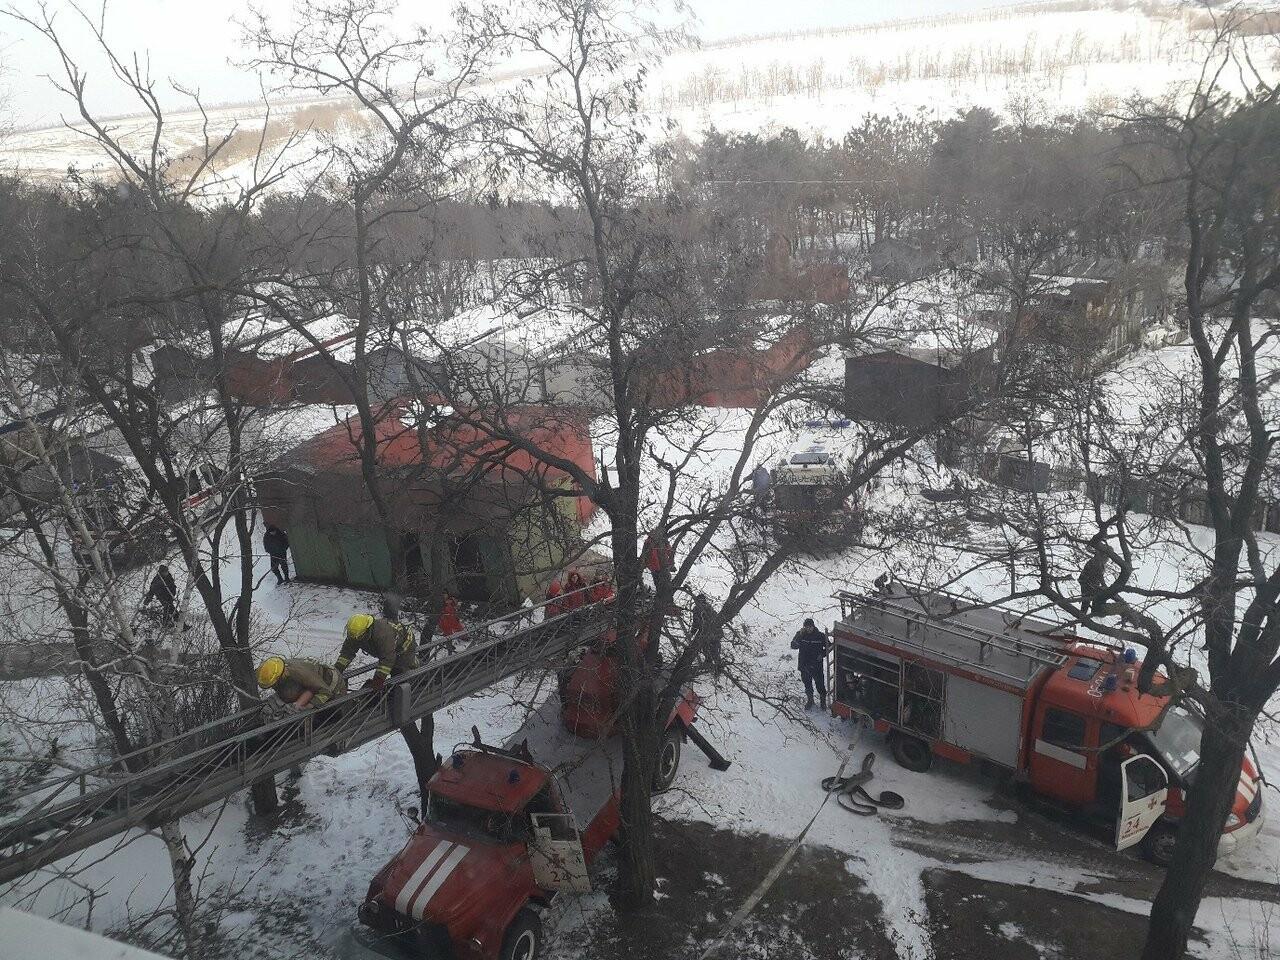 Странный пожар в мариупольской высотке: пострадали трое, еще один участник драмы обнаружен с резаной раной  (ФОТО), фото-9